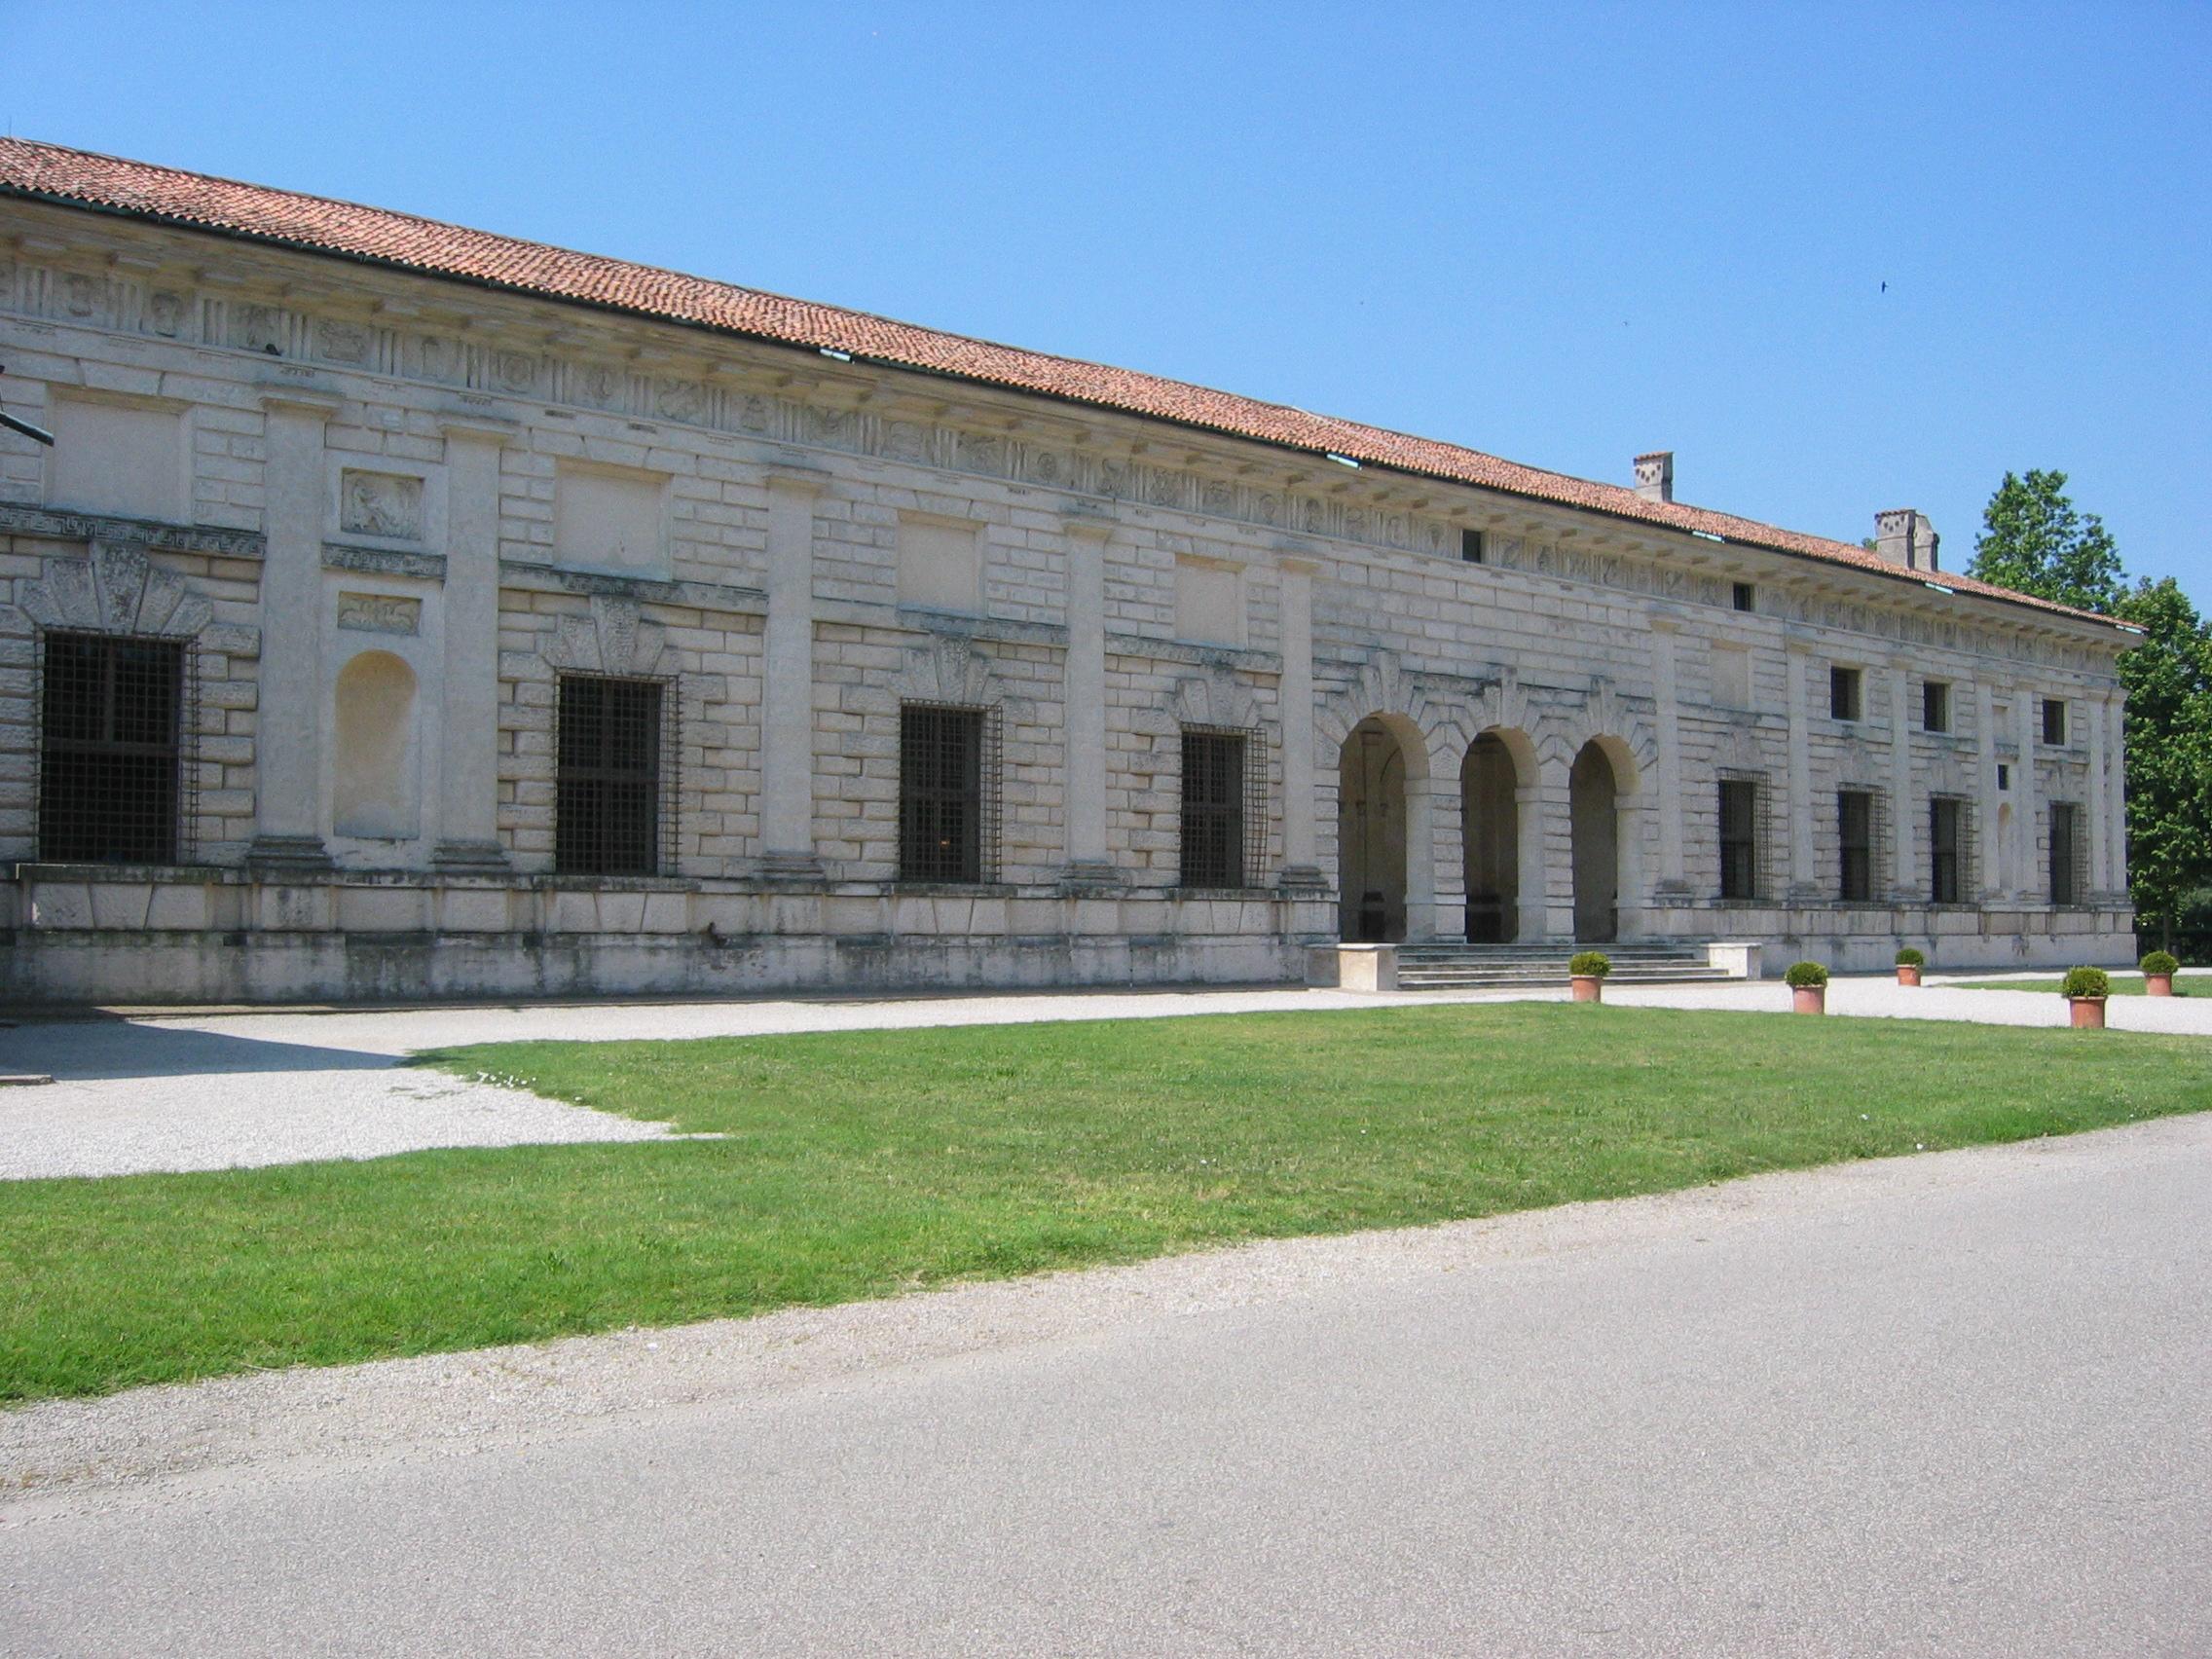 Giovedì 5 dicembre 2019 – Mantova, Palazzo Ducale e Palazzo Te